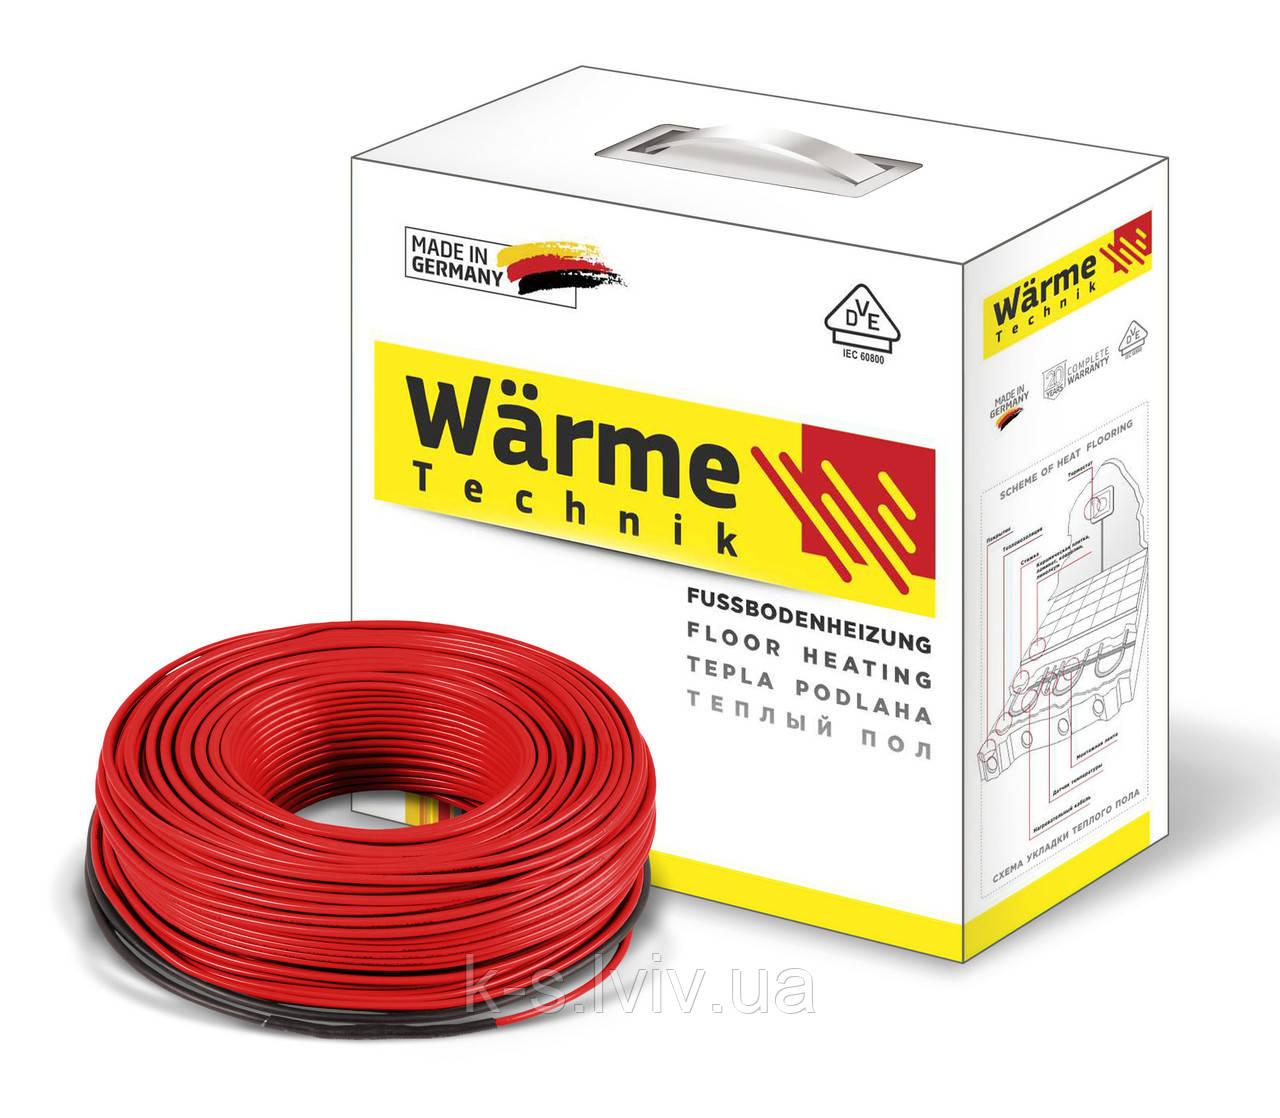 Двожильний нагрівальний кабель Варм (Wärme) Twin cable - 2600W/18 Вт (площа обігріву 14,4-21,7м2)